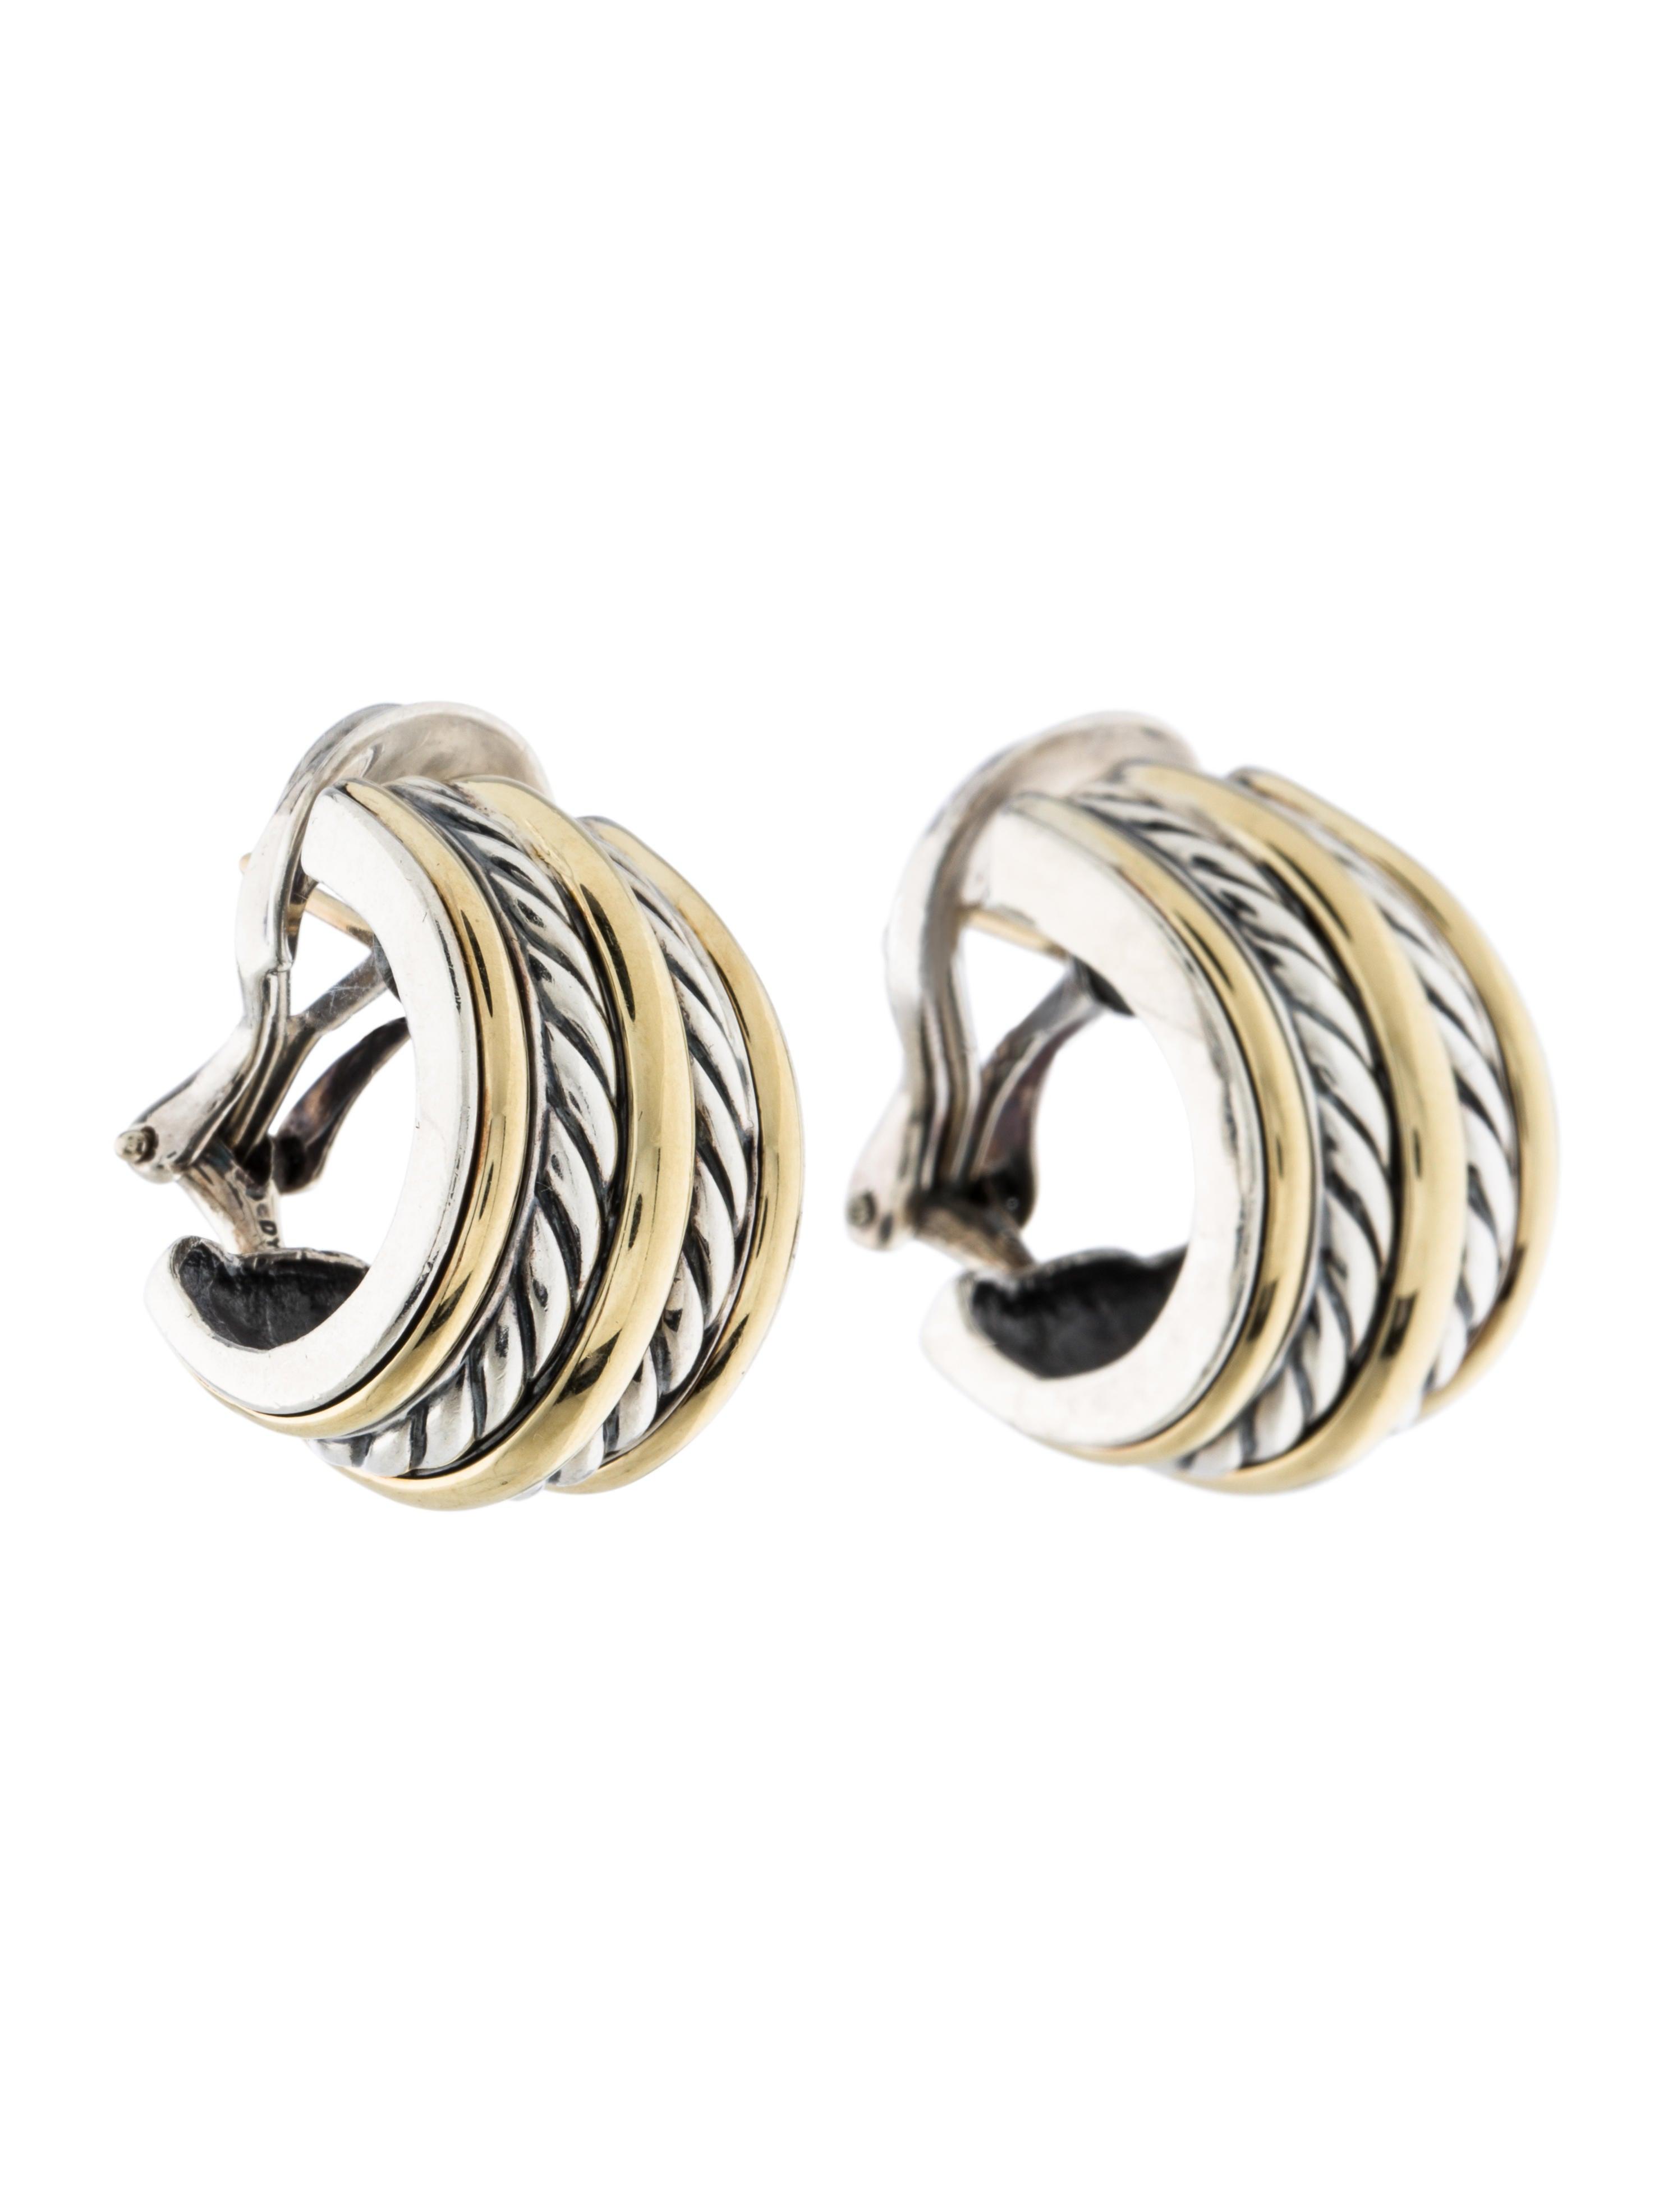 david yurman two tone hoop earrings earrings dvy37569